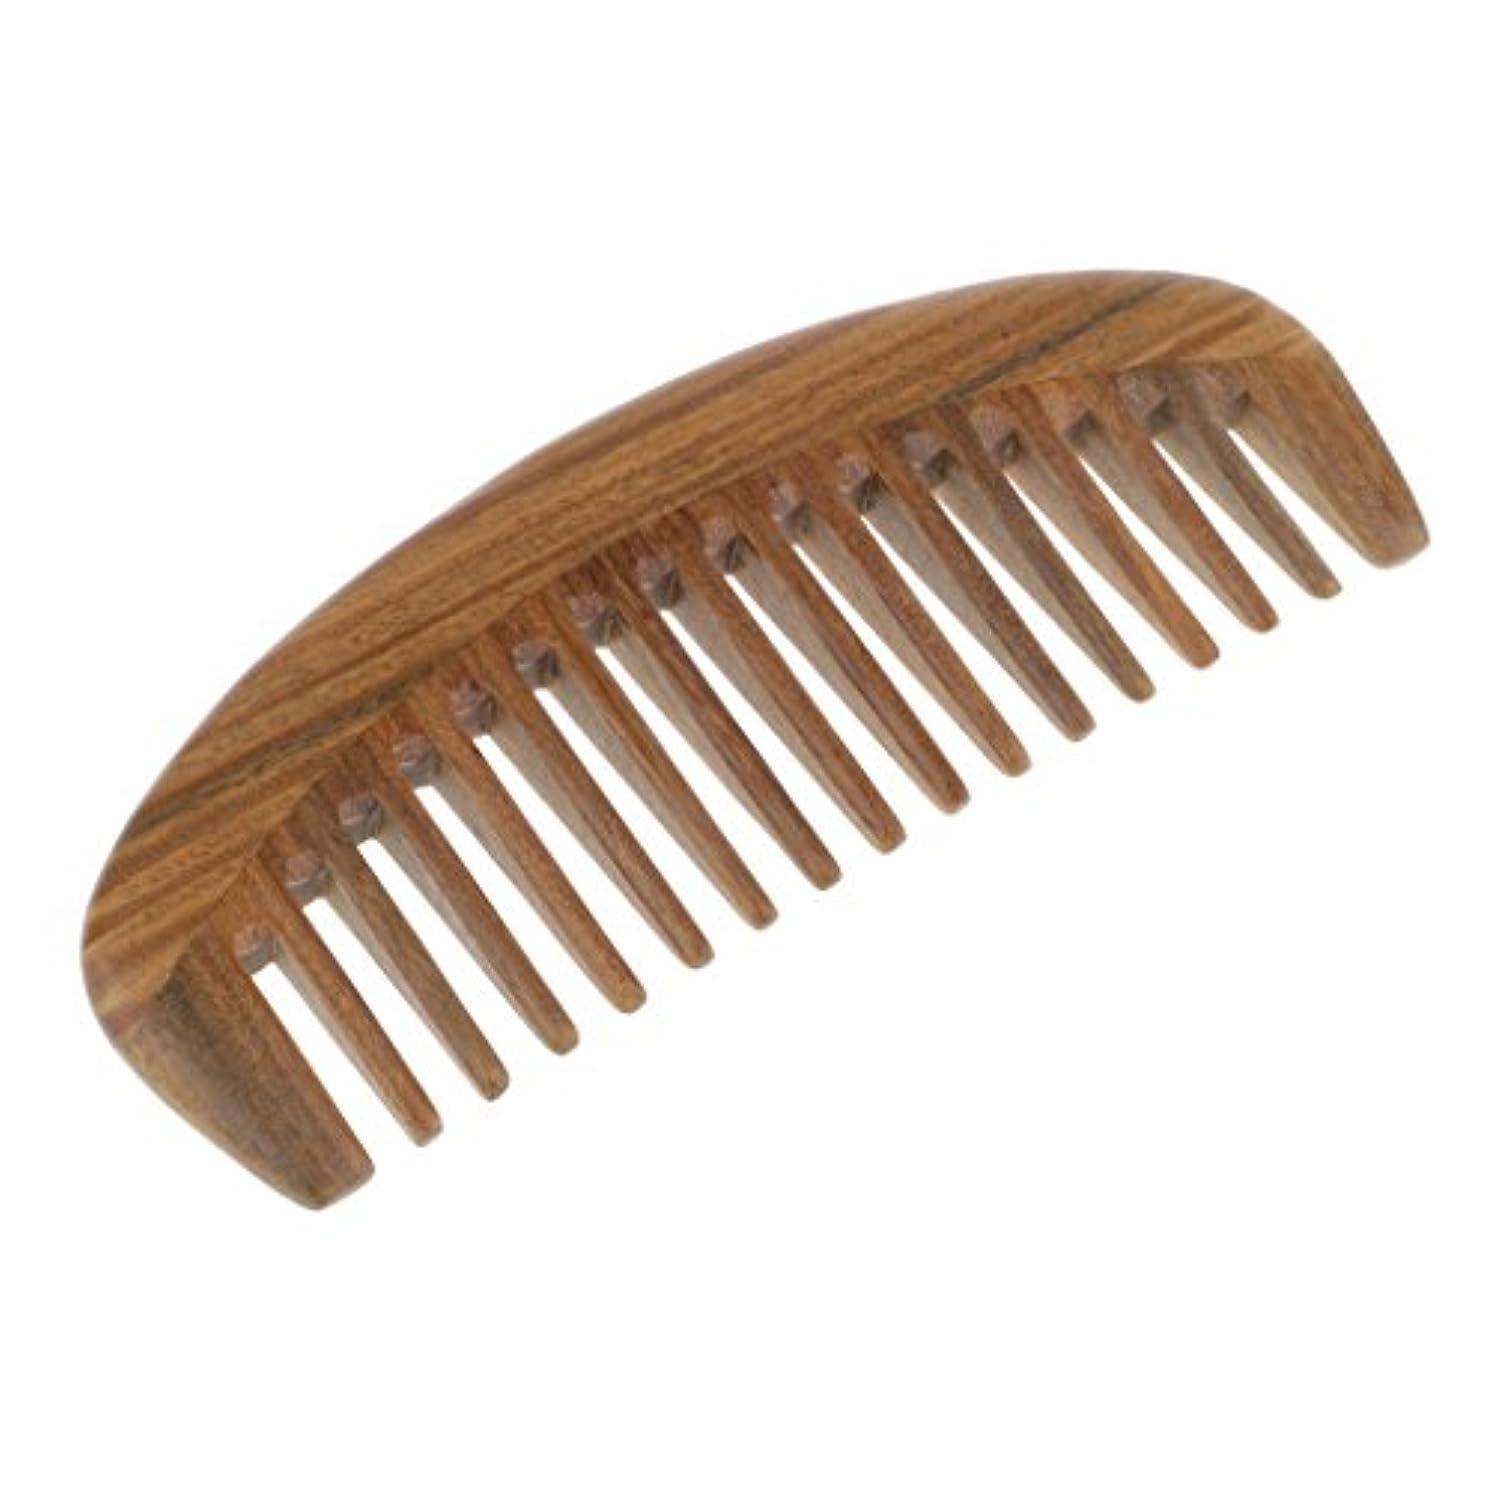 通信網バンジージャンプ憂慮すべき自然な緑の白檀の木製の櫛マッサージ手作りの髪の櫛静的でない - 15x5.5 cm